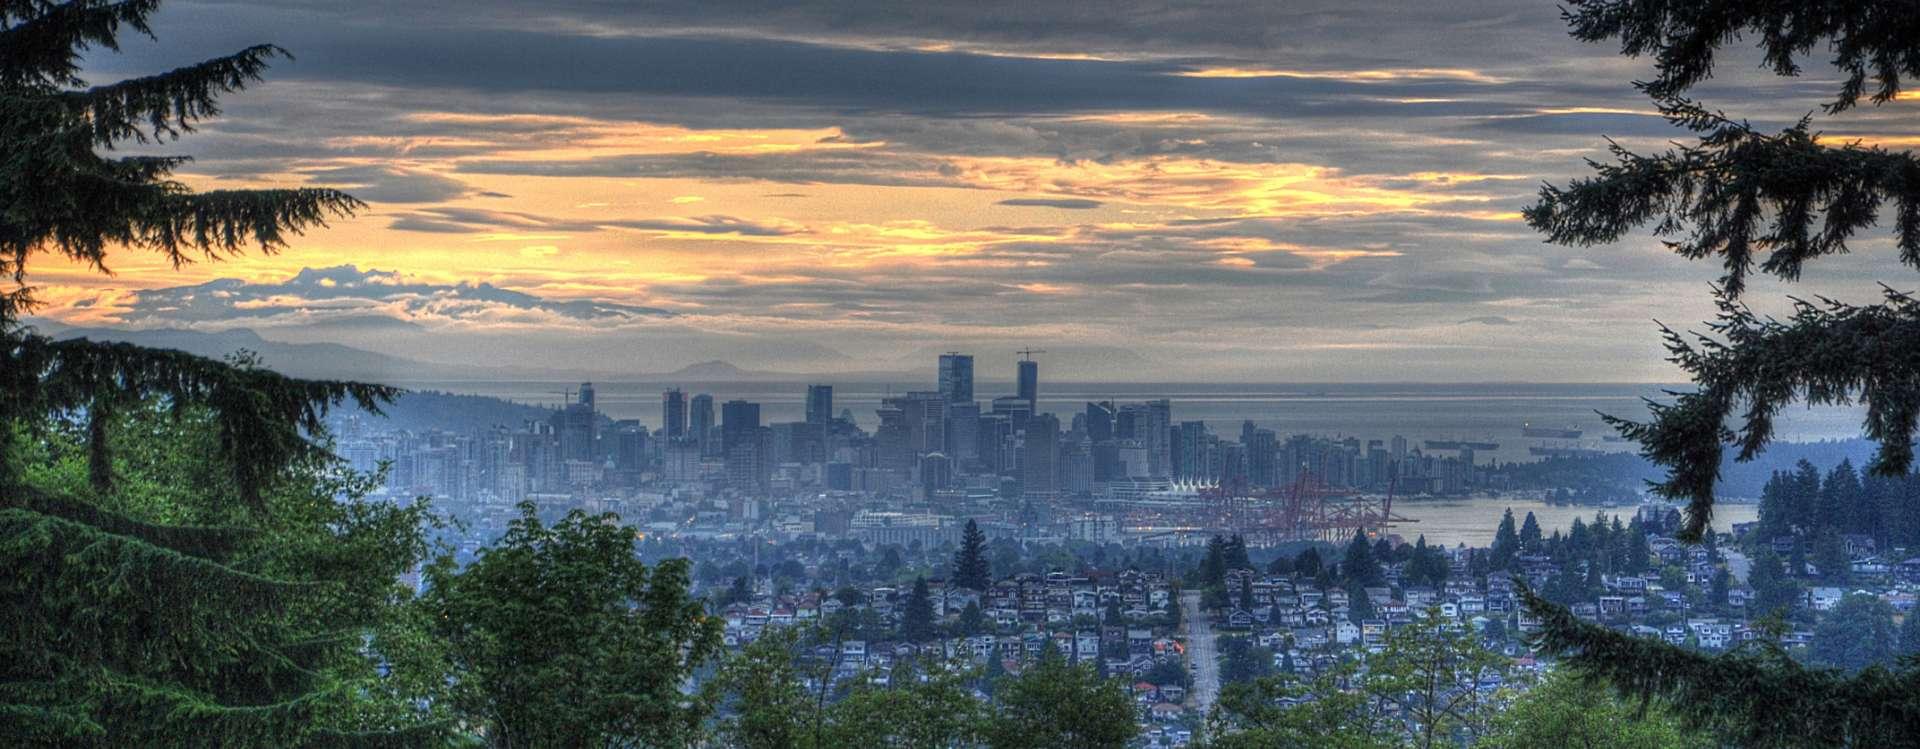 Tour du monde des villes les plus durables